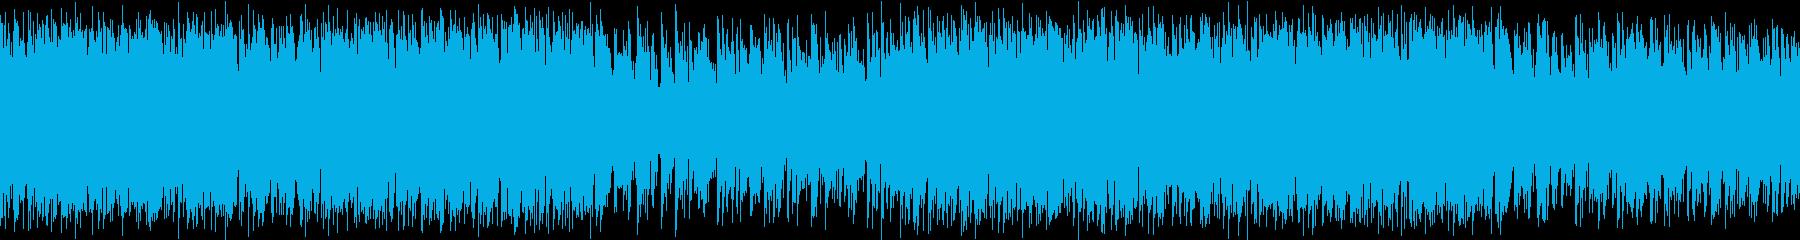 ロックオルガンが印象的なガレージロックの再生済みの波形